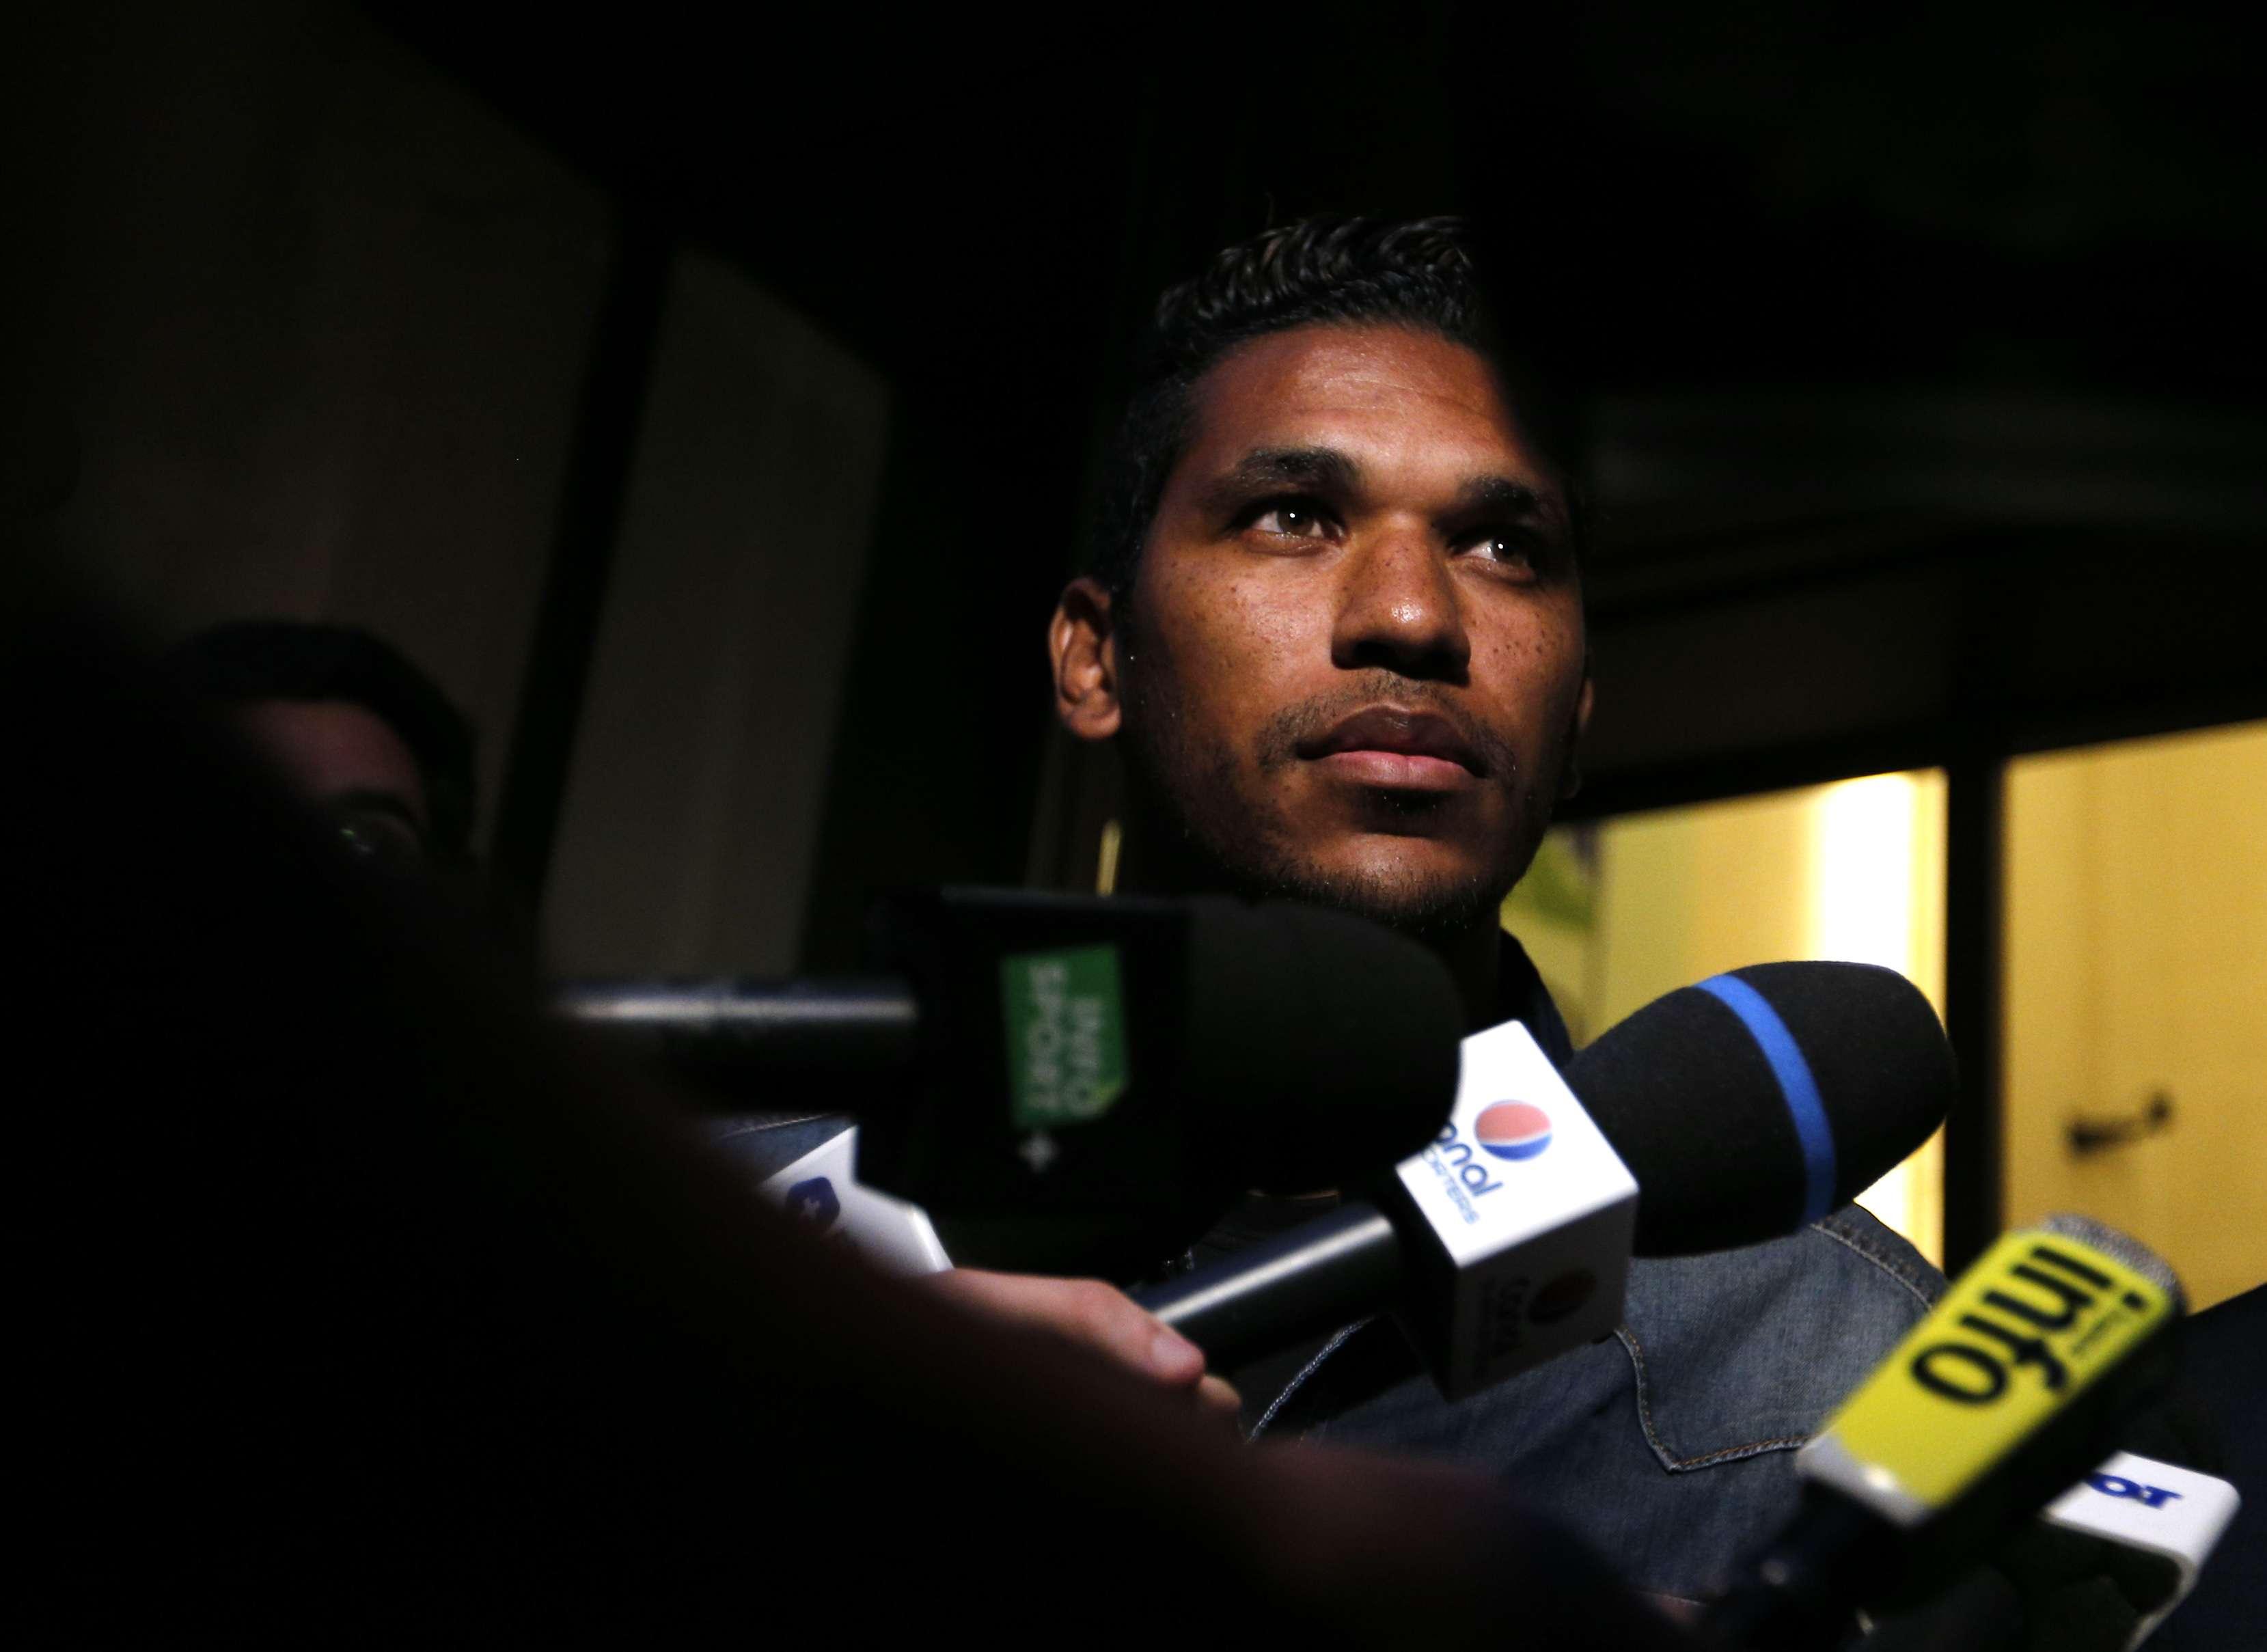 Brandao no podrá jugar hasta en febrero del 2015 por la sanción que recibió por el cabezazo a Thiago Motta. Foto: AFP